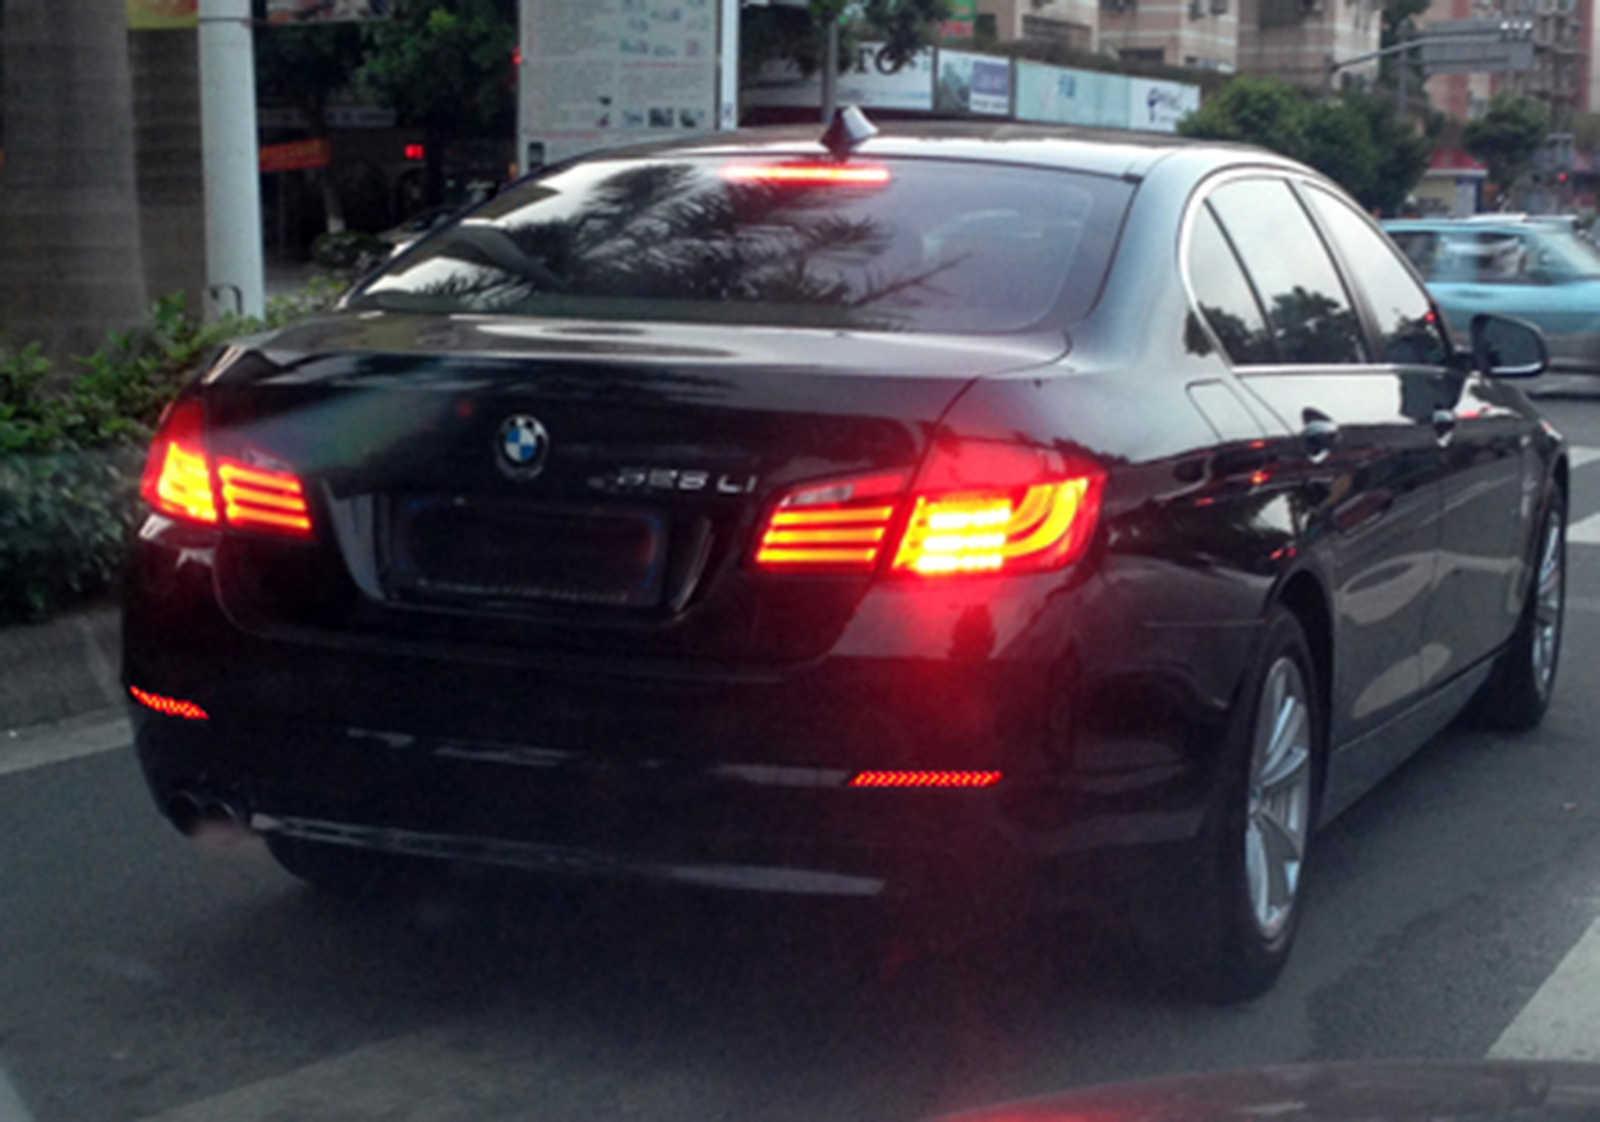 Angrong 2X Sau Ốp Lưng Đèn LED Phanh Dừng Sáng Đen Ống Kính Cho Xe BMW Series 5 F10 F11 F18